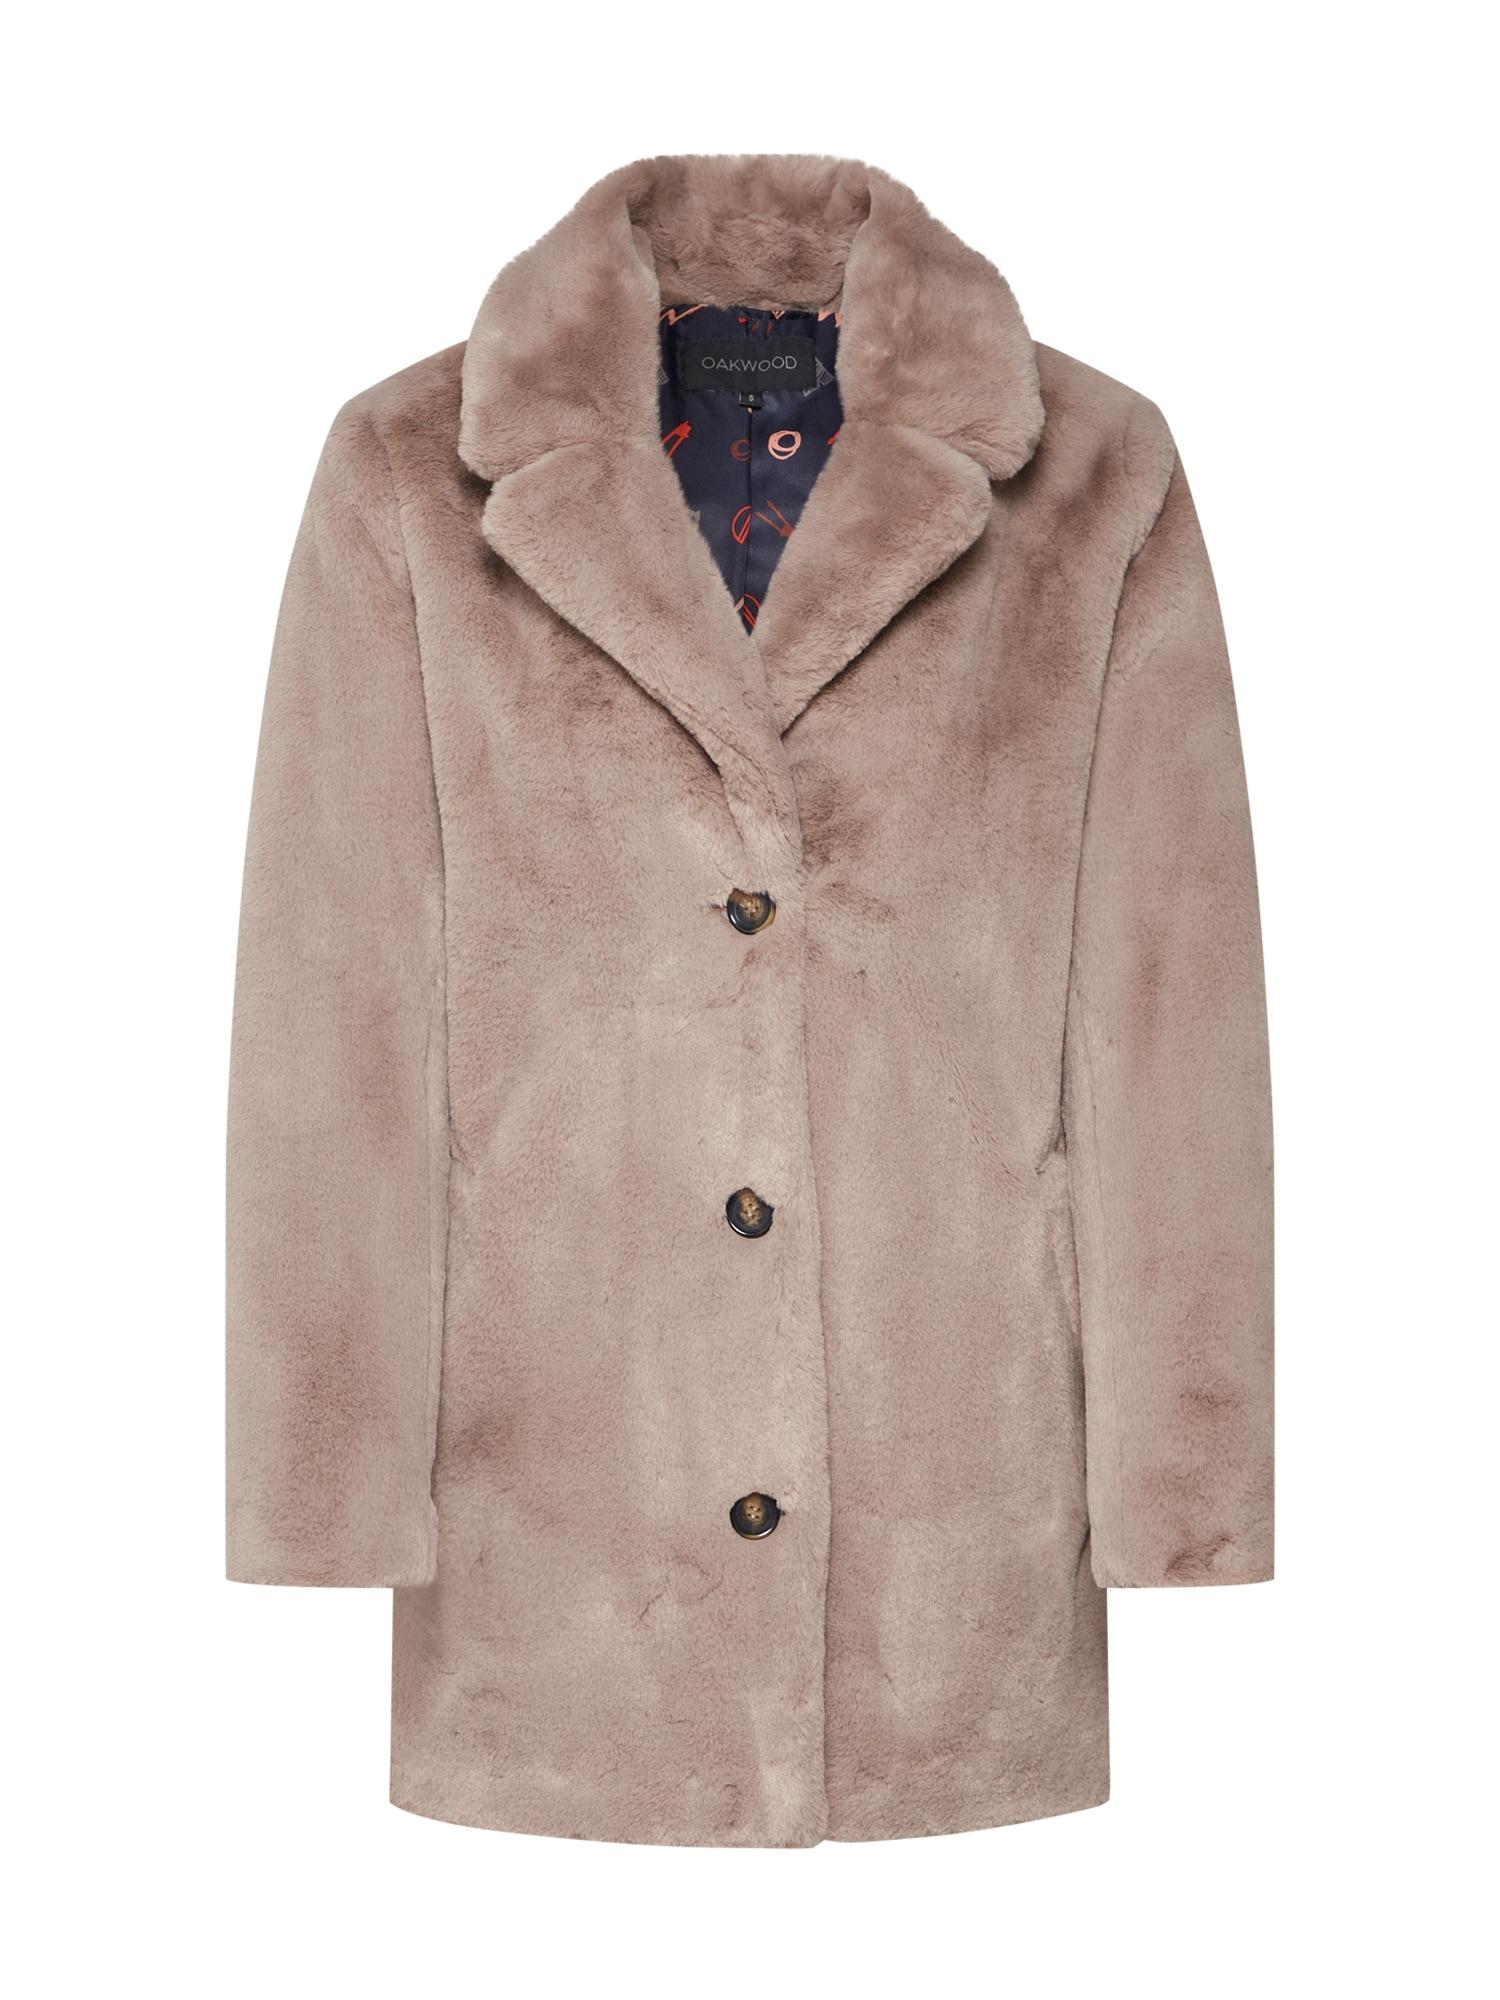 OAKWOOD Žieminis paltas